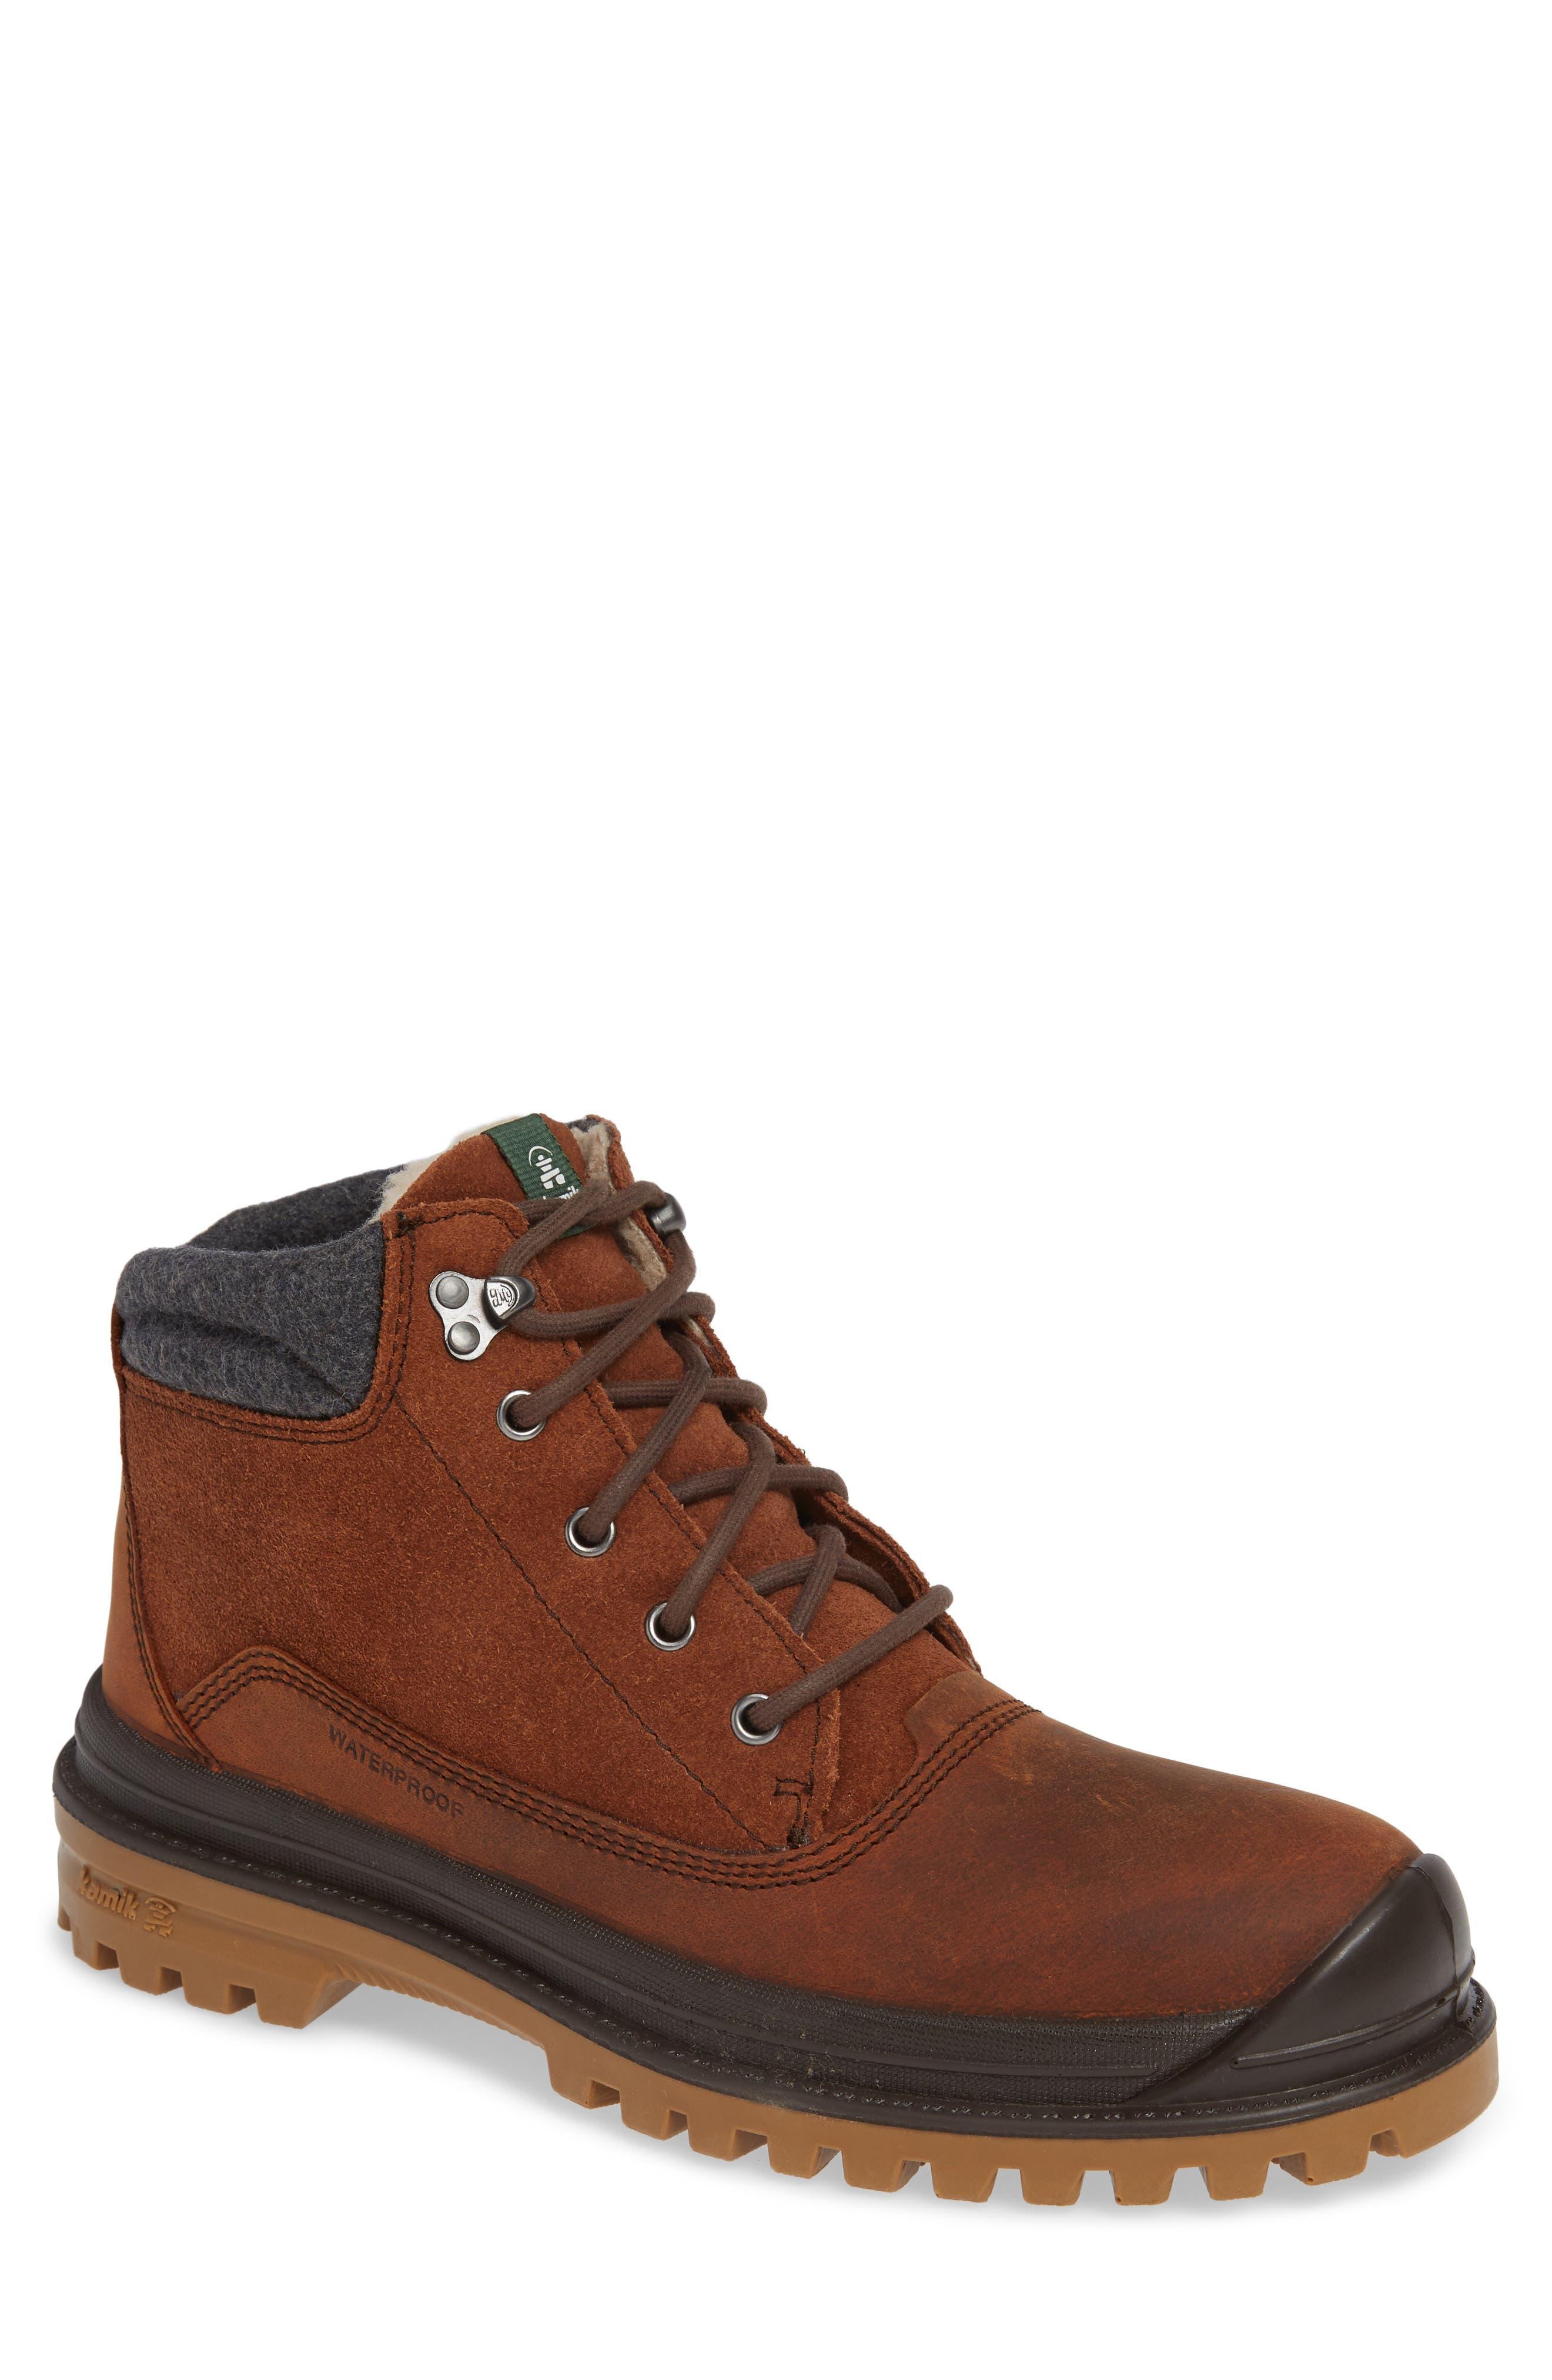 Kamik Griffin Mid Waterproof Boot, Brown